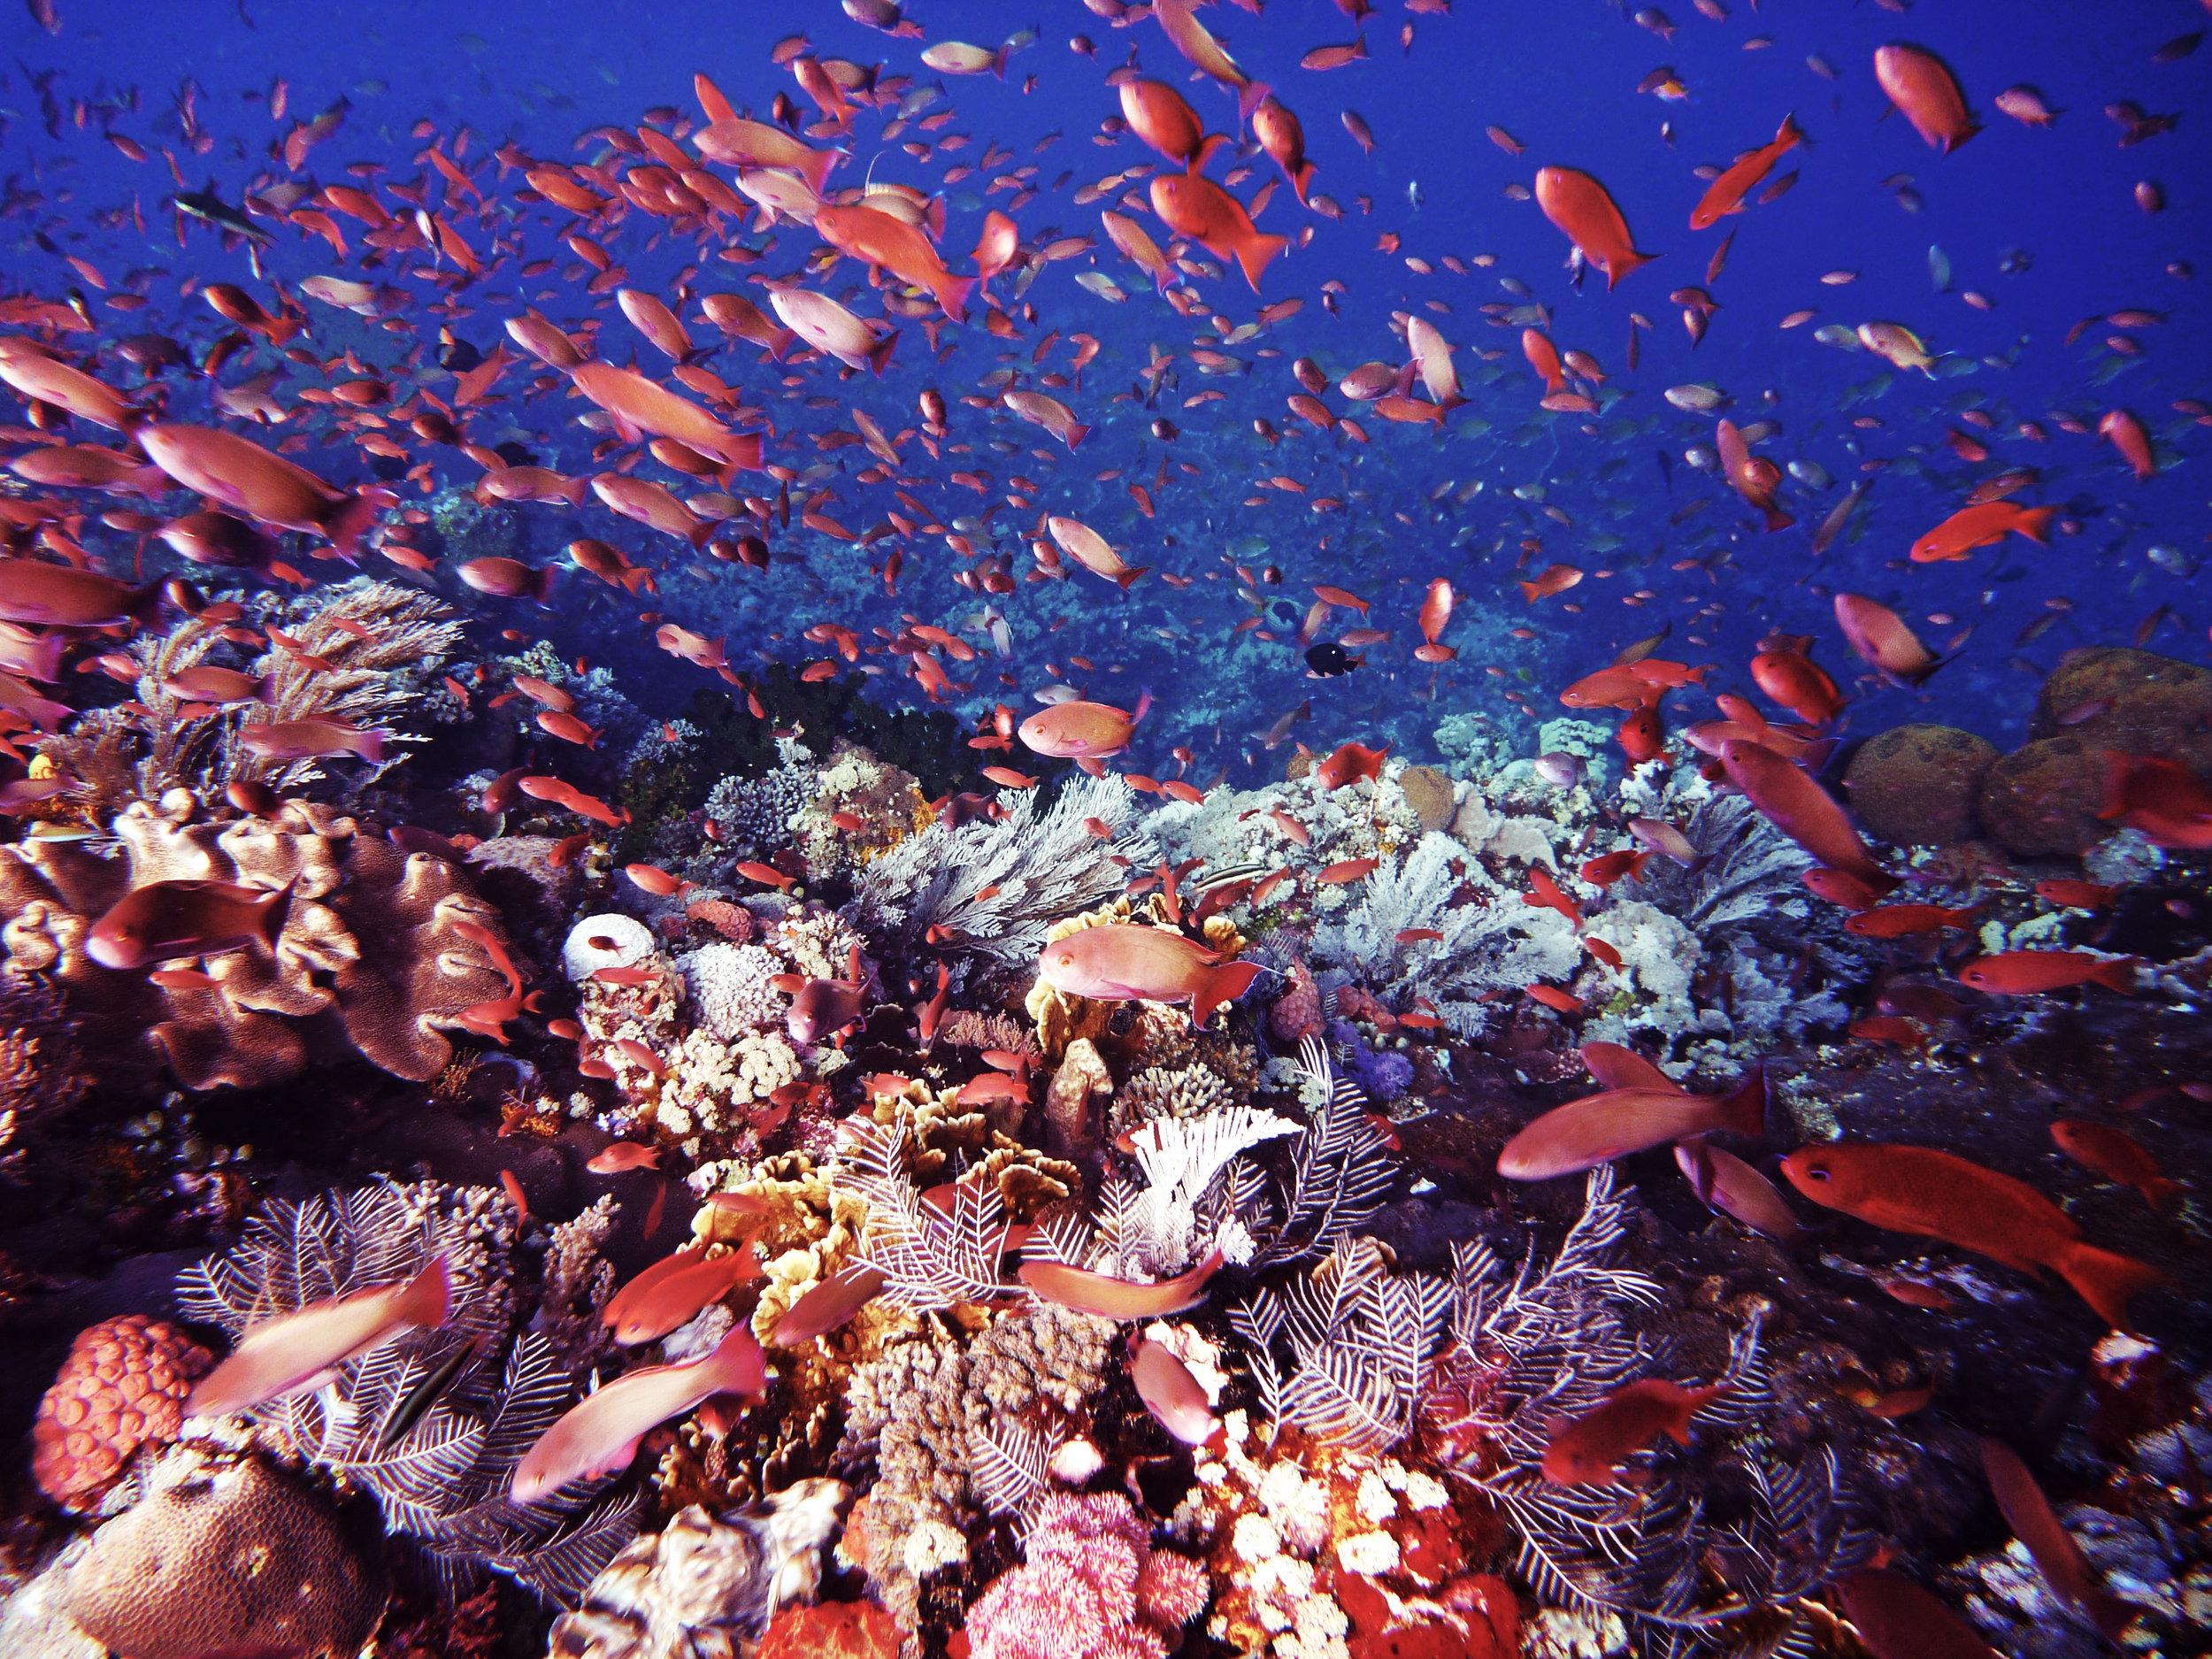 manyfish.jpg